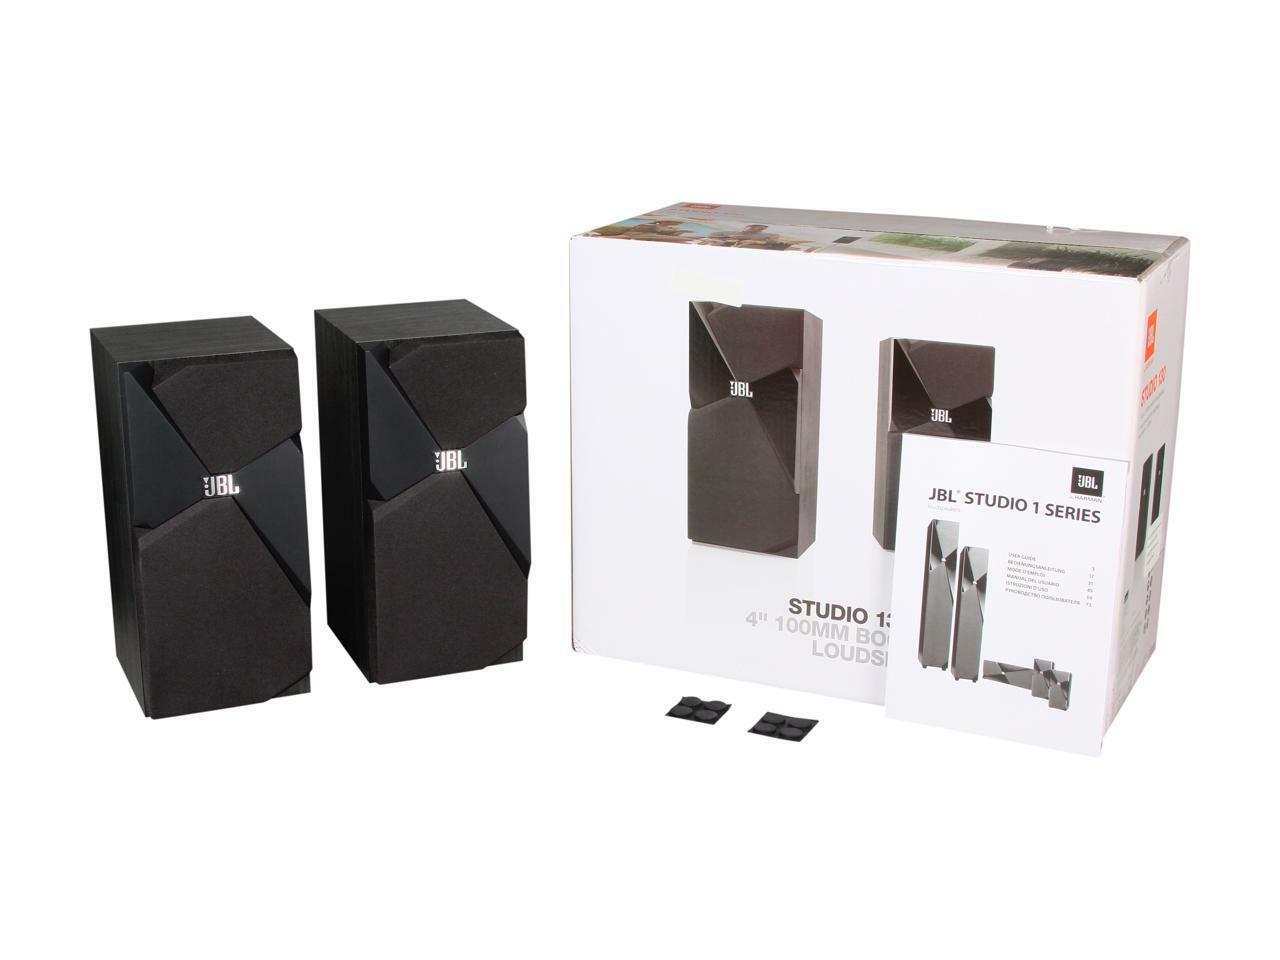 (PAIR )JBL Studio 1 Series Studio 130 Home Audio Speaker